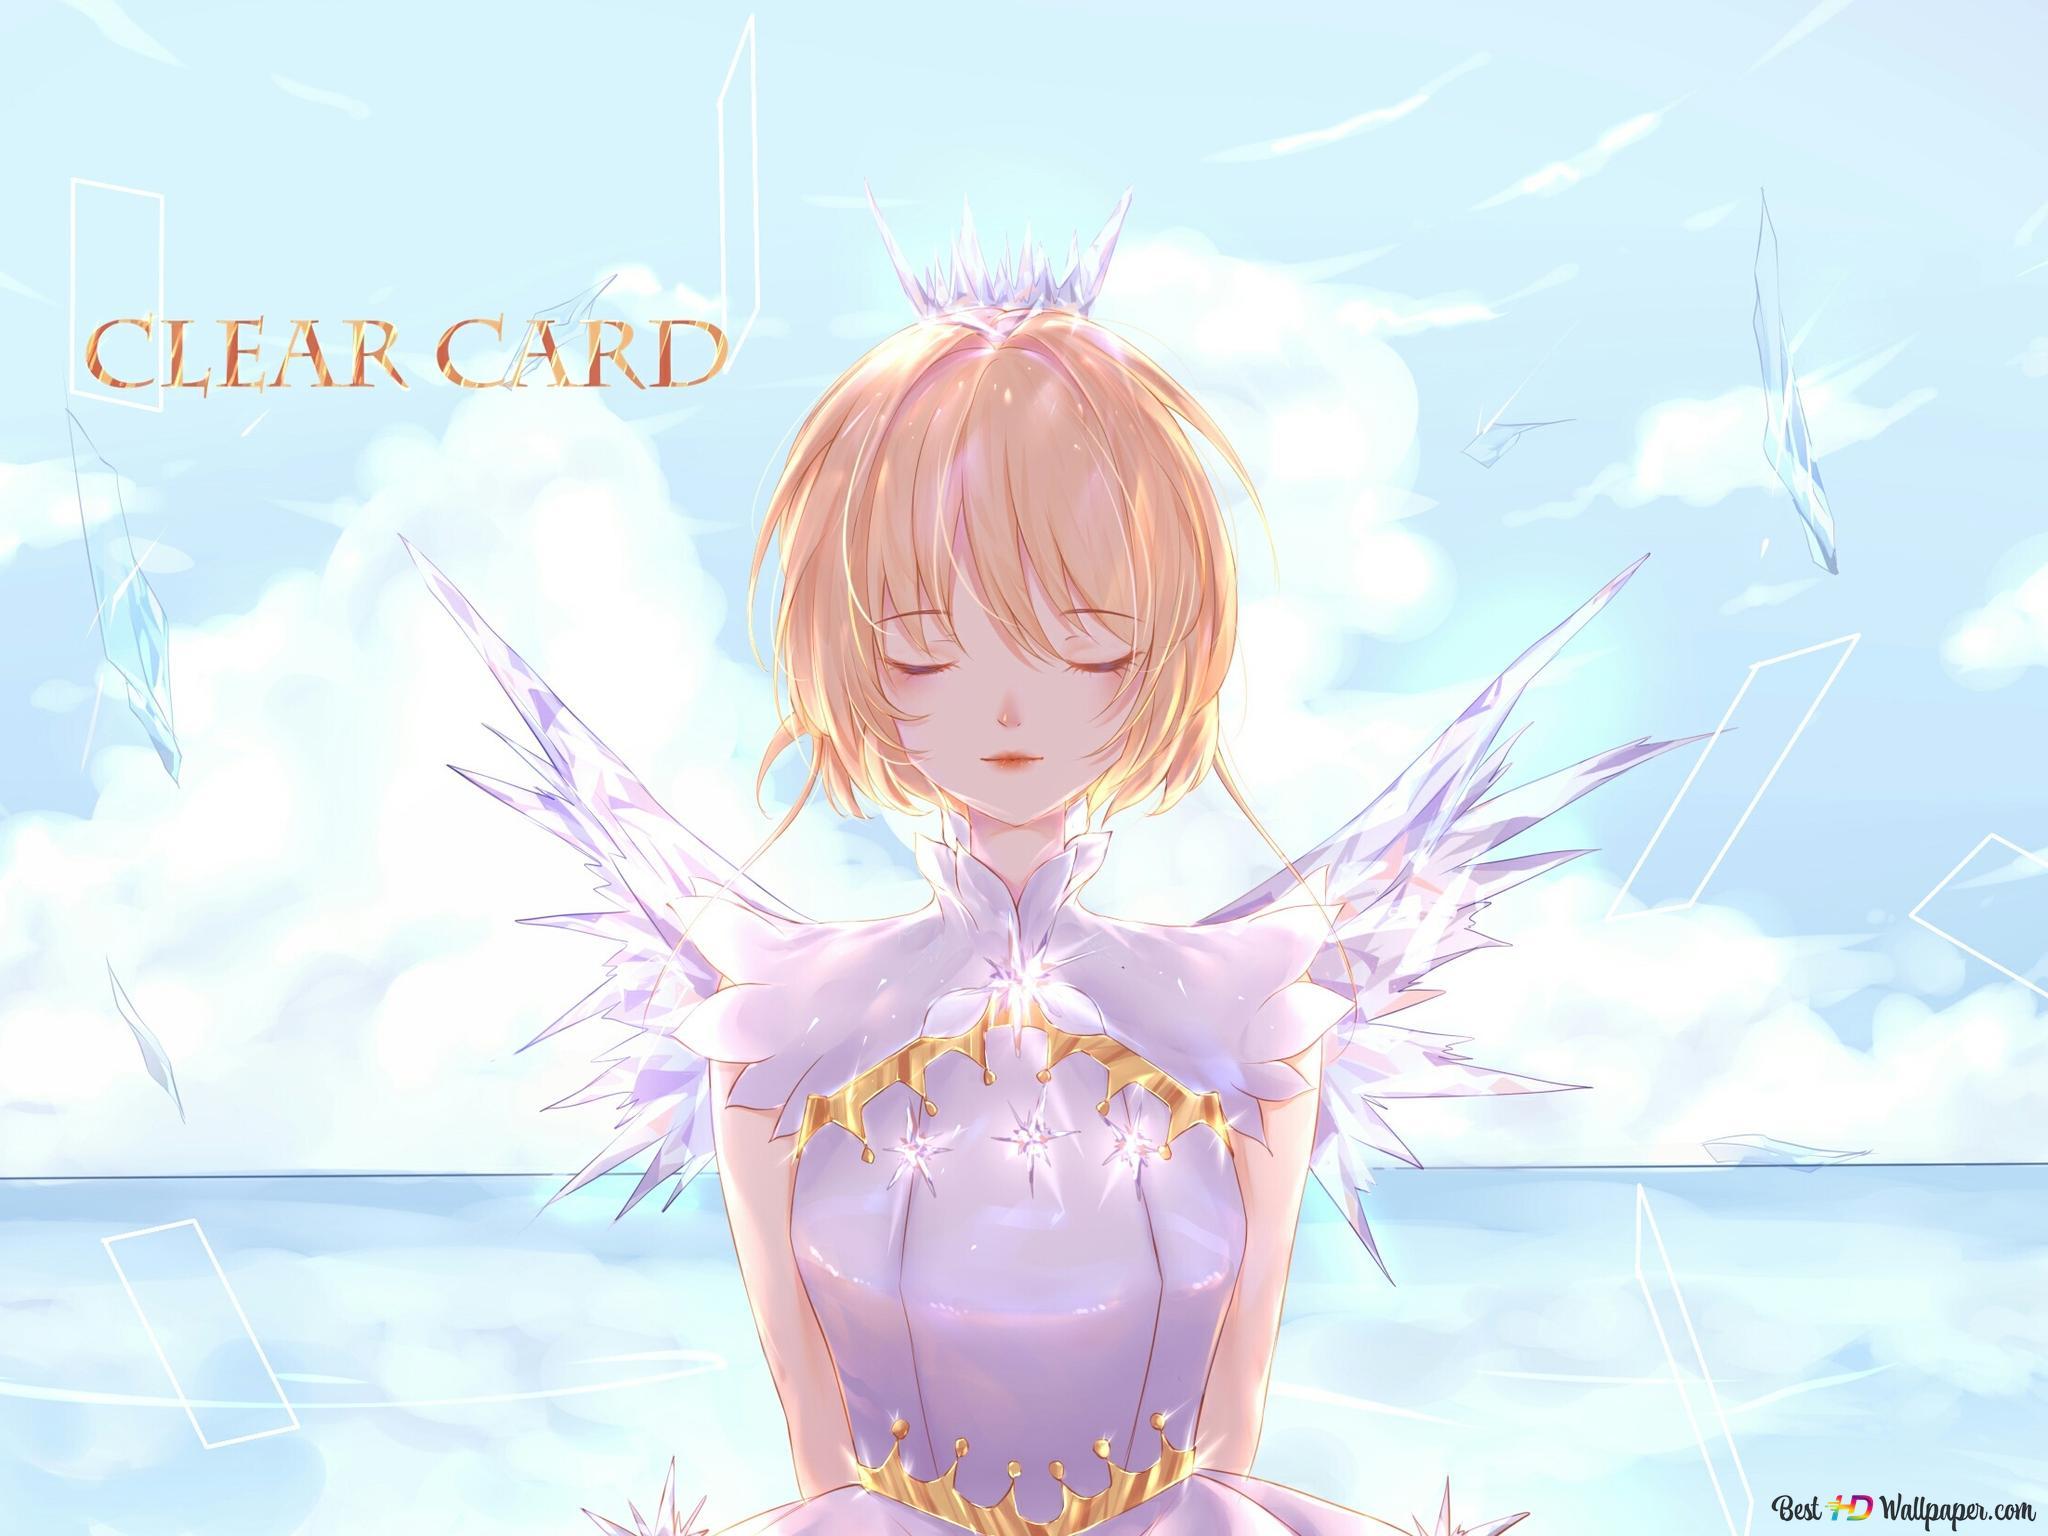 カードキャプターさくら 木之本桜のクリアカード Hd壁紙のダウンロード